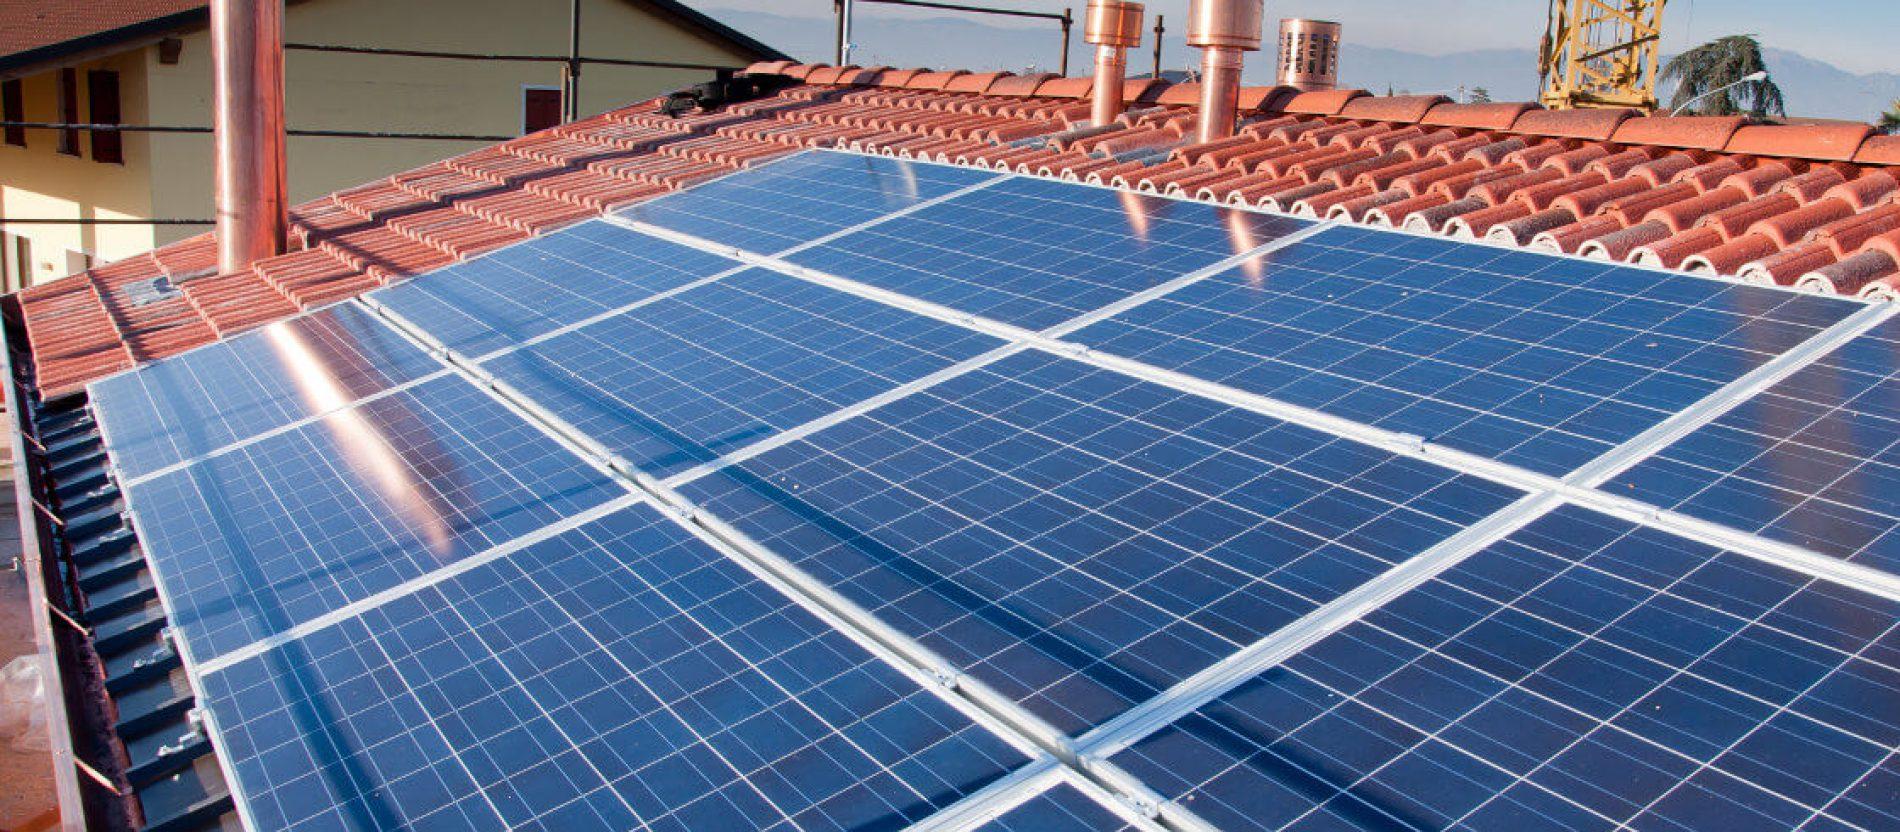 Torna a crescere il fotovoltaico